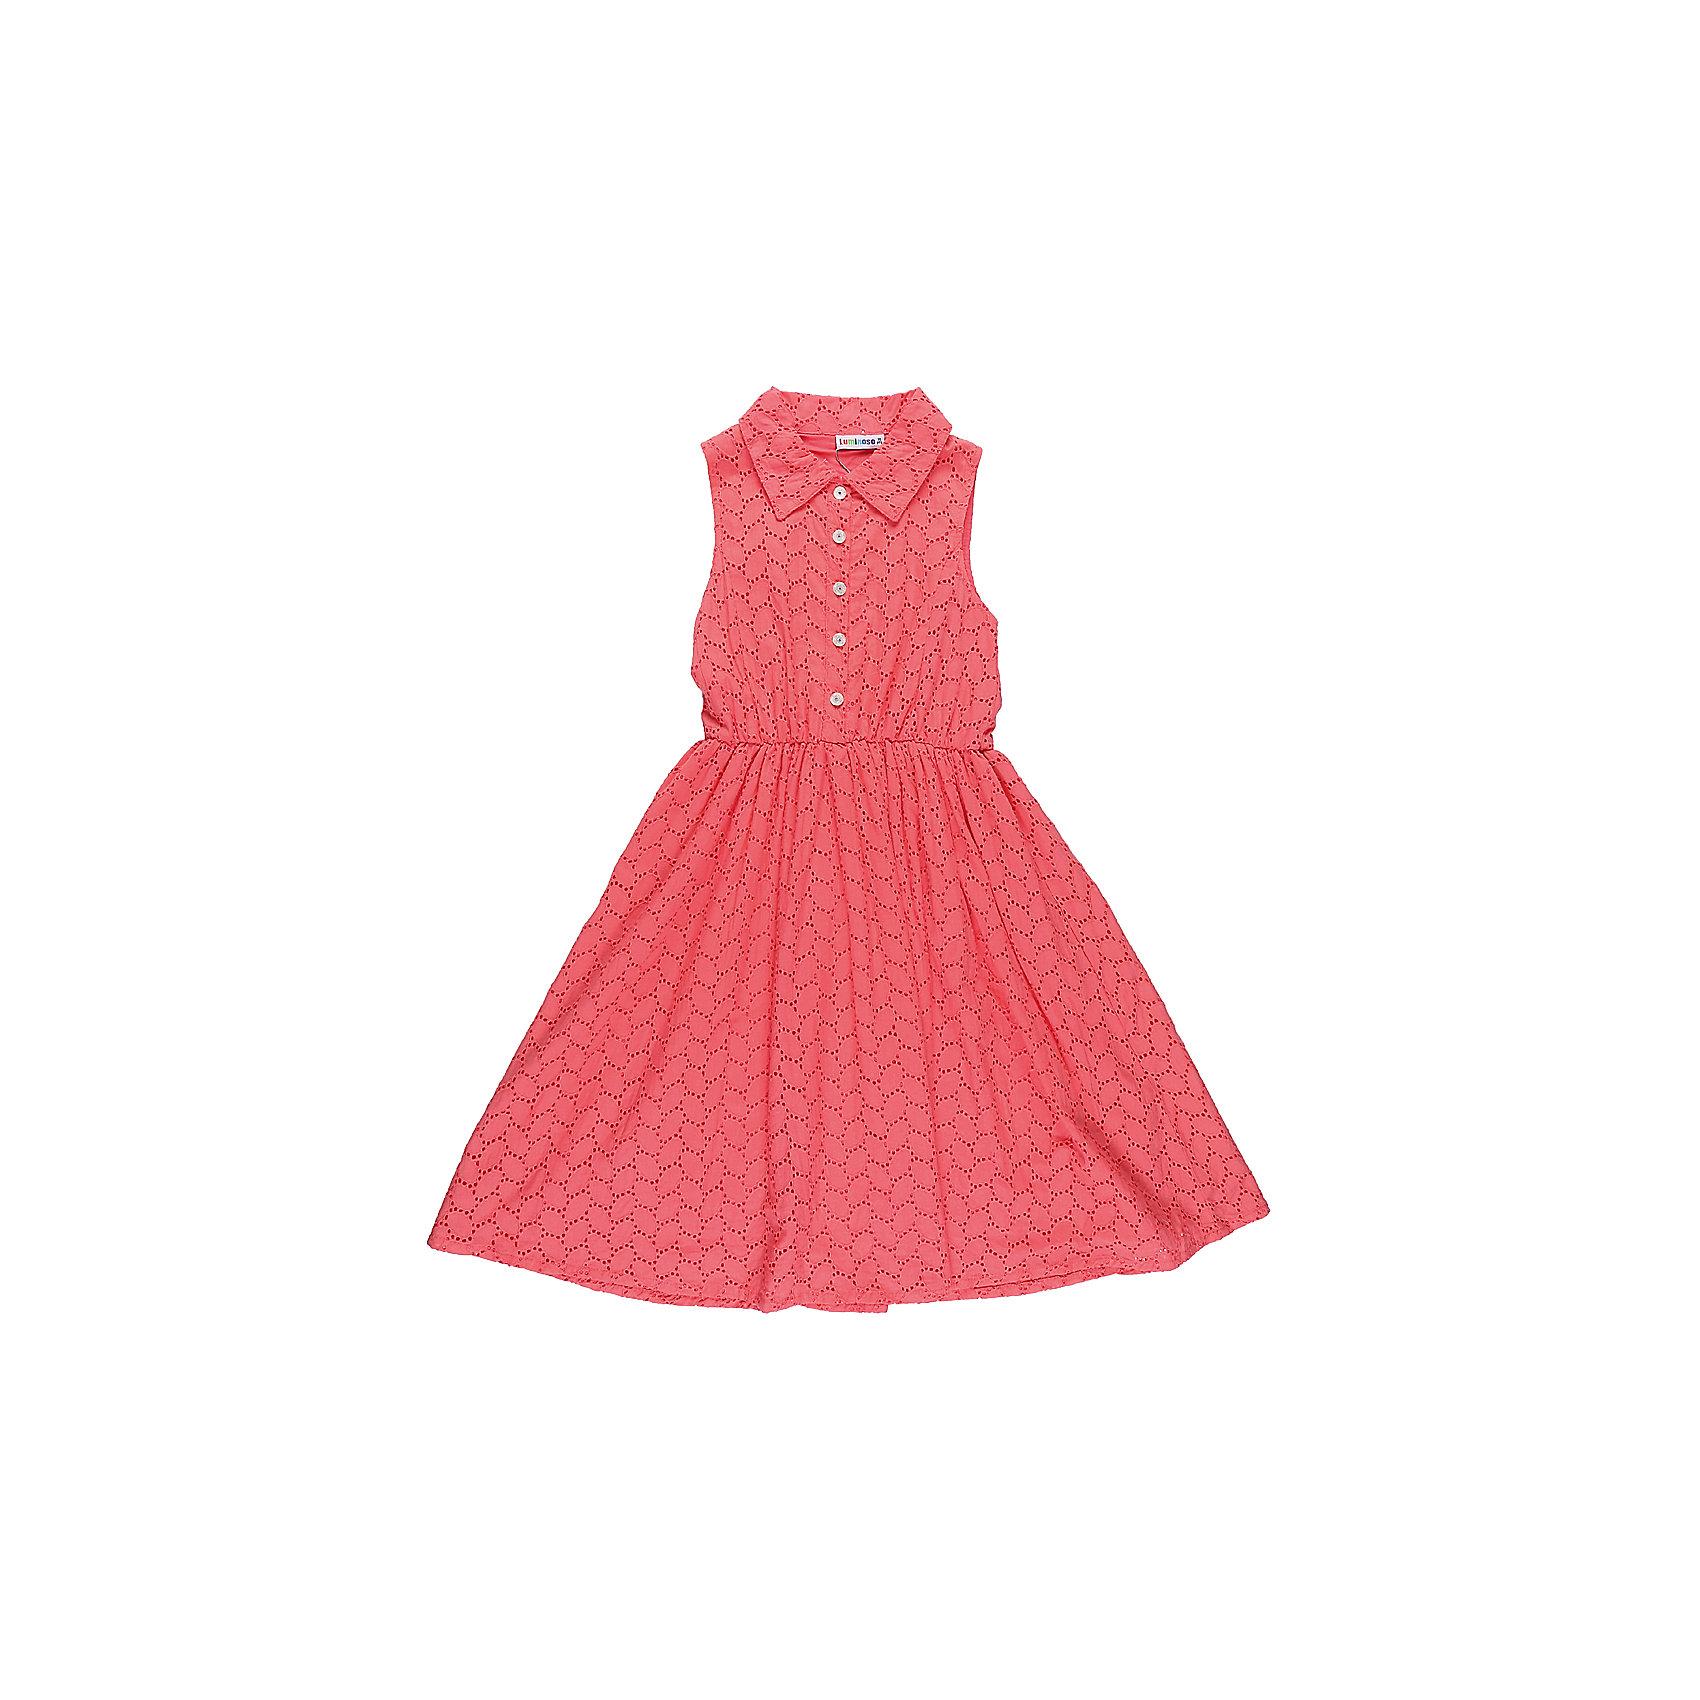 Платье для девочки LuminosoПлатья и сарафаны<br>Хлопкое платье для девочки из вышитого полотна с отложным воротничком. Декорирован пуговками. Приталенный крой.<br>Состав:<br>Верх: 100% хлопок, Подкладка: 100%хлопок<br><br>Ширина мм: 236<br>Глубина мм: 16<br>Высота мм: 184<br>Вес г: 177<br>Цвет: красный<br>Возраст от месяцев: 108<br>Возраст до месяцев: 120<br>Пол: Женский<br>Возраст: Детский<br>Размер: 146,152,158,164,134,140<br>SKU: 5413550